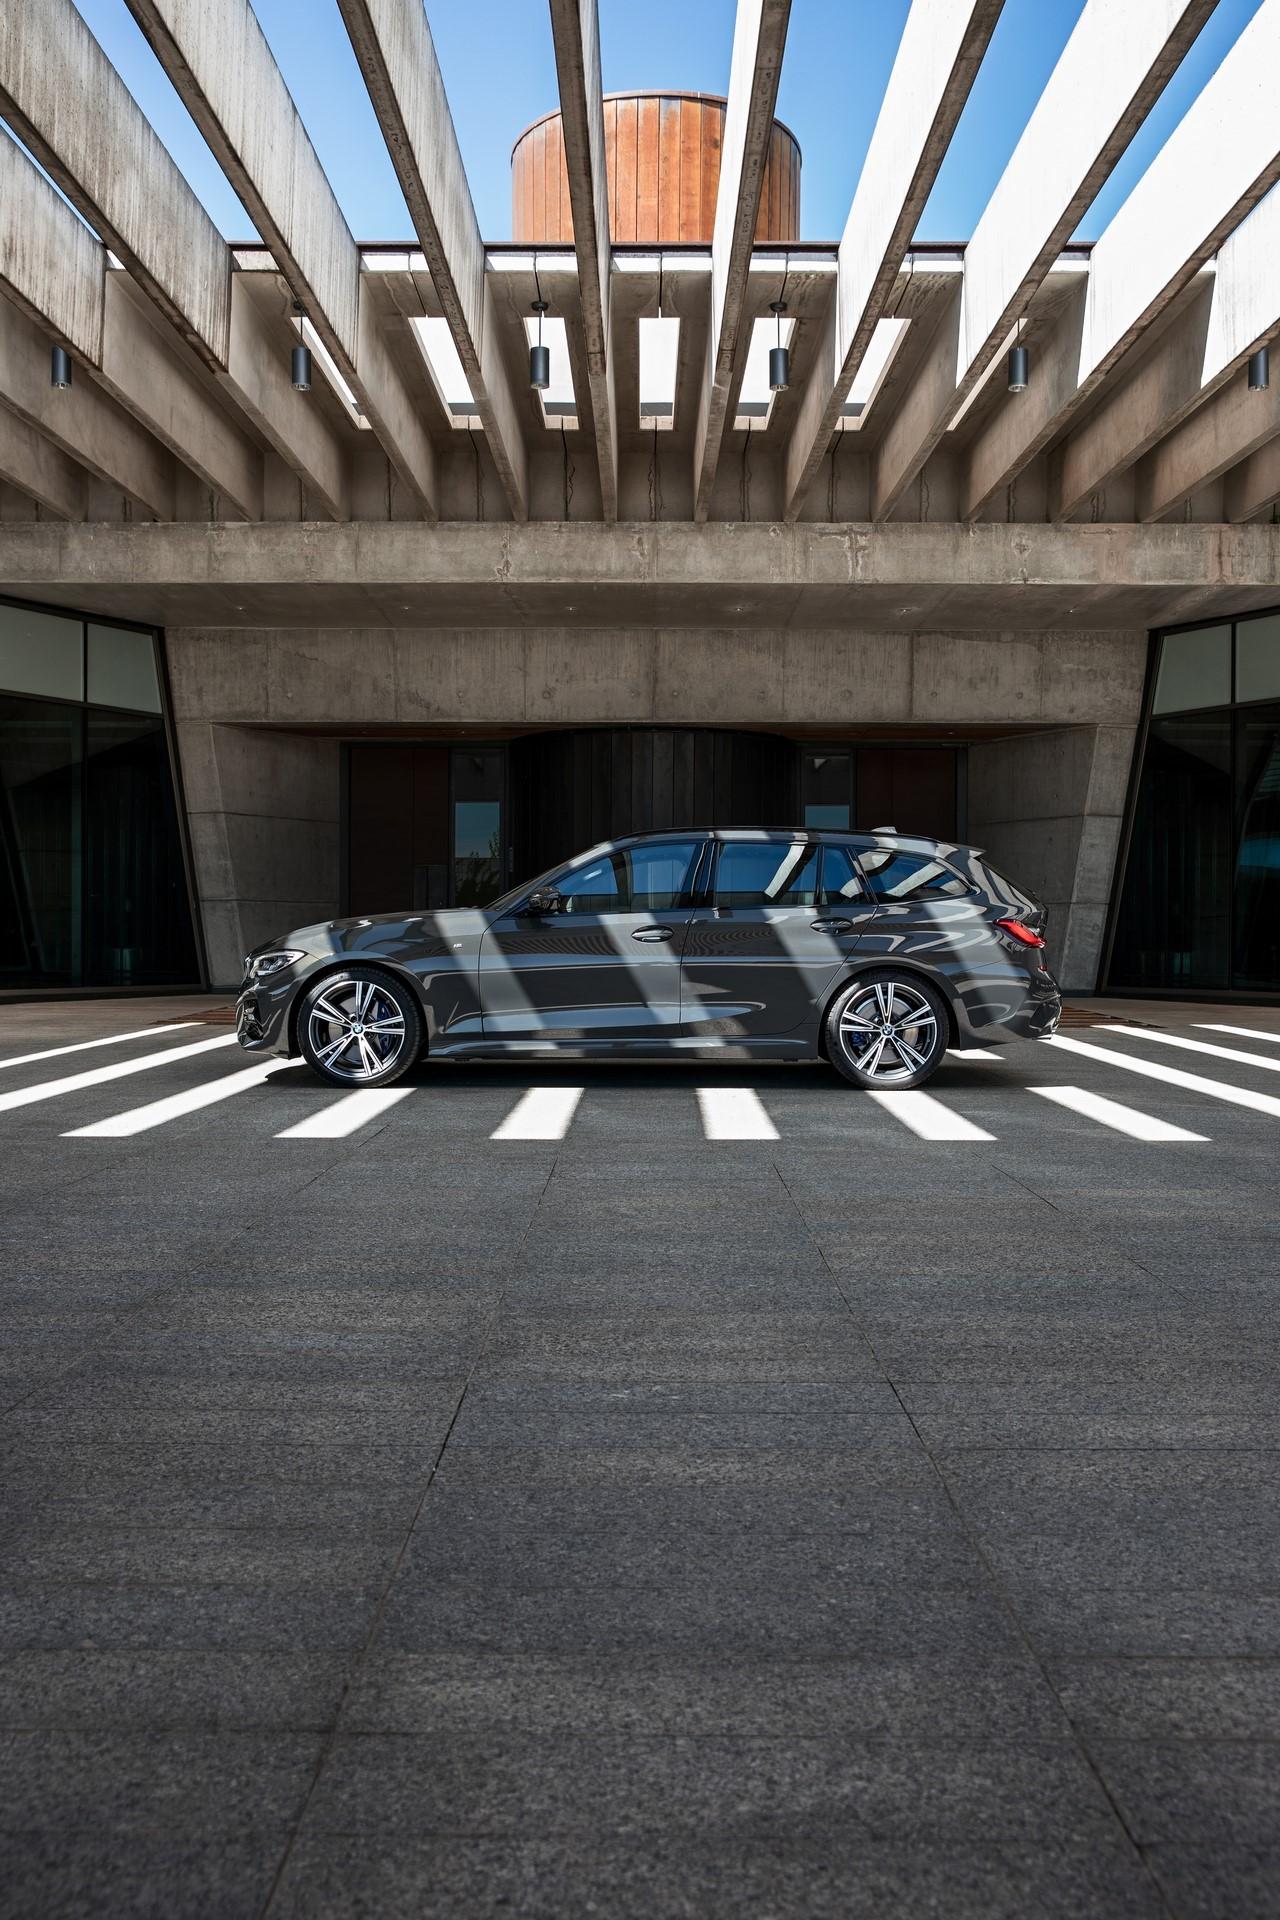 BMW-3-Series-Touring-2019-87